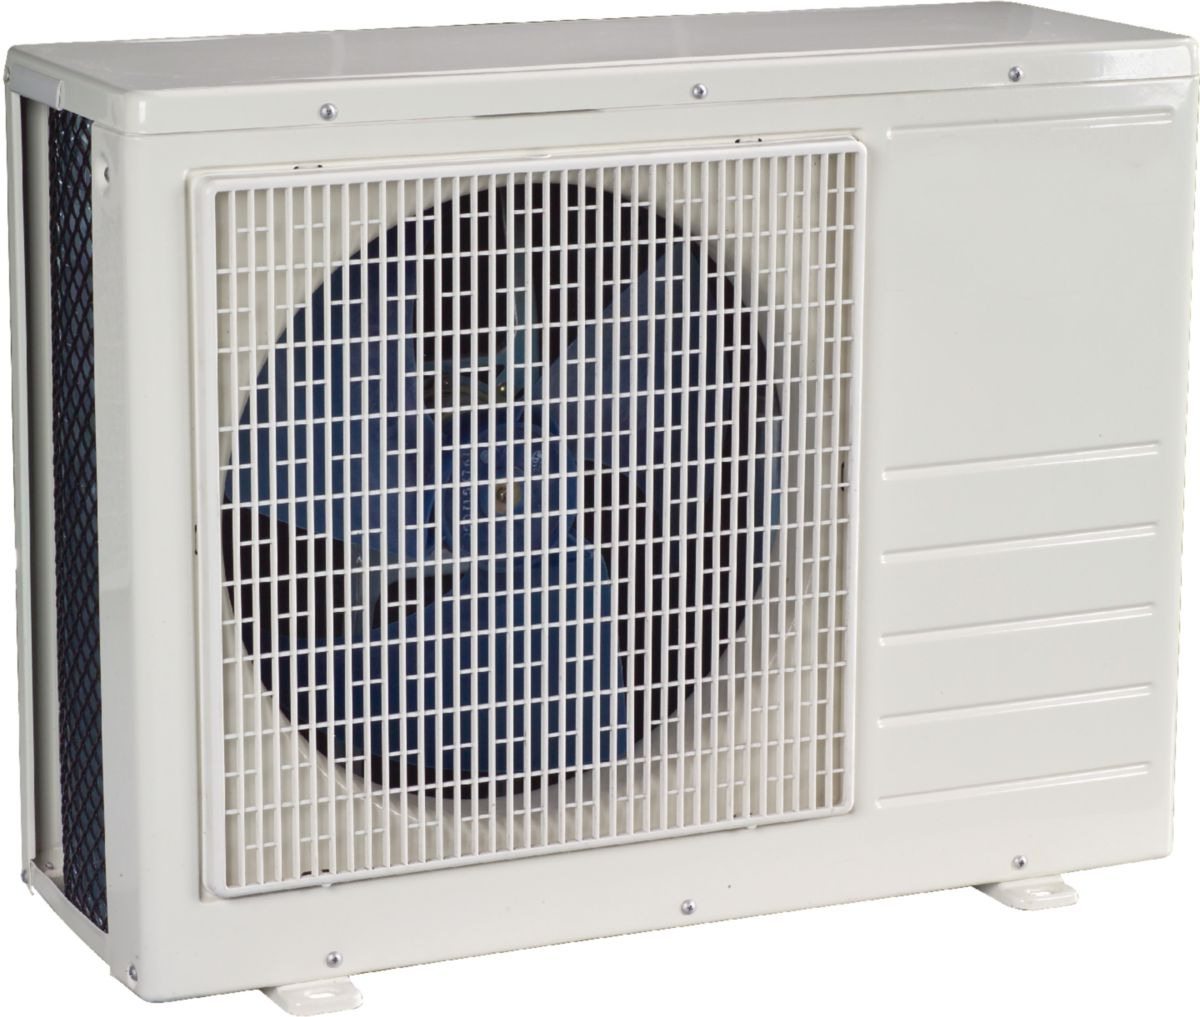 Unité extérieure Mono-split FULL DCI Modèle MSF-37OU réf. 220037402250